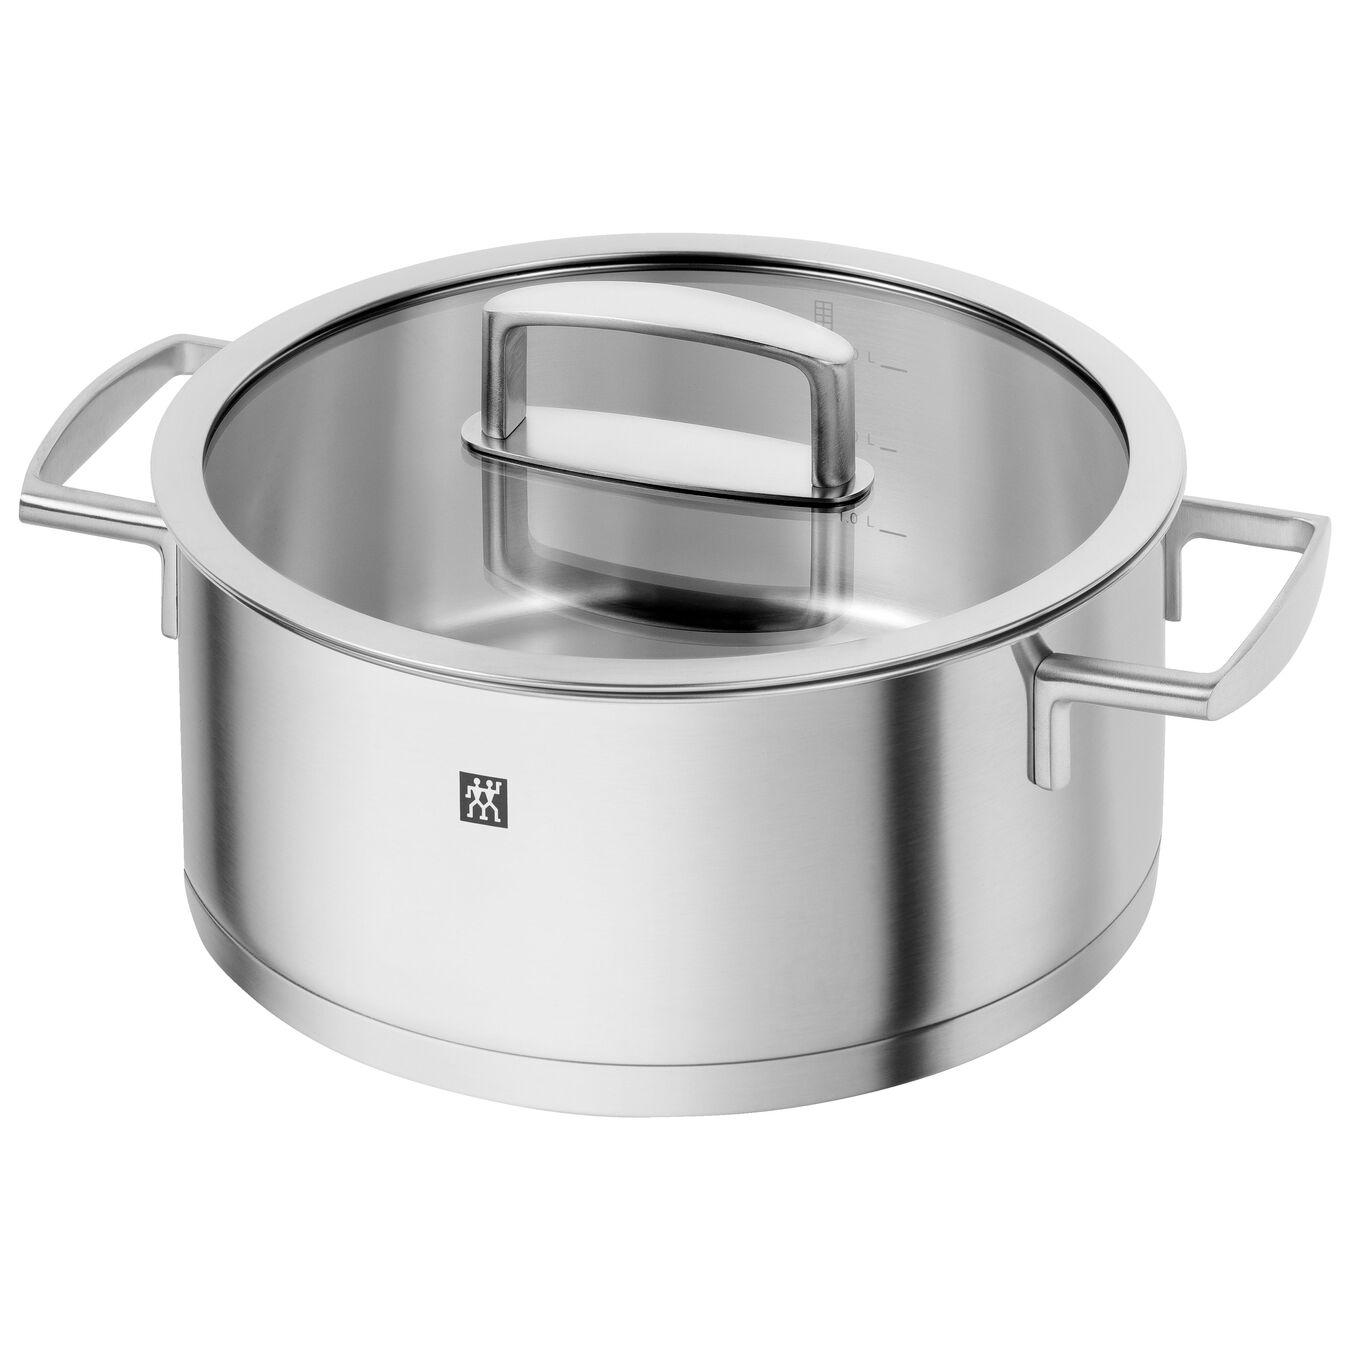 Ensemble de casseroles 3-pcs, Inox 18/10,,large 3